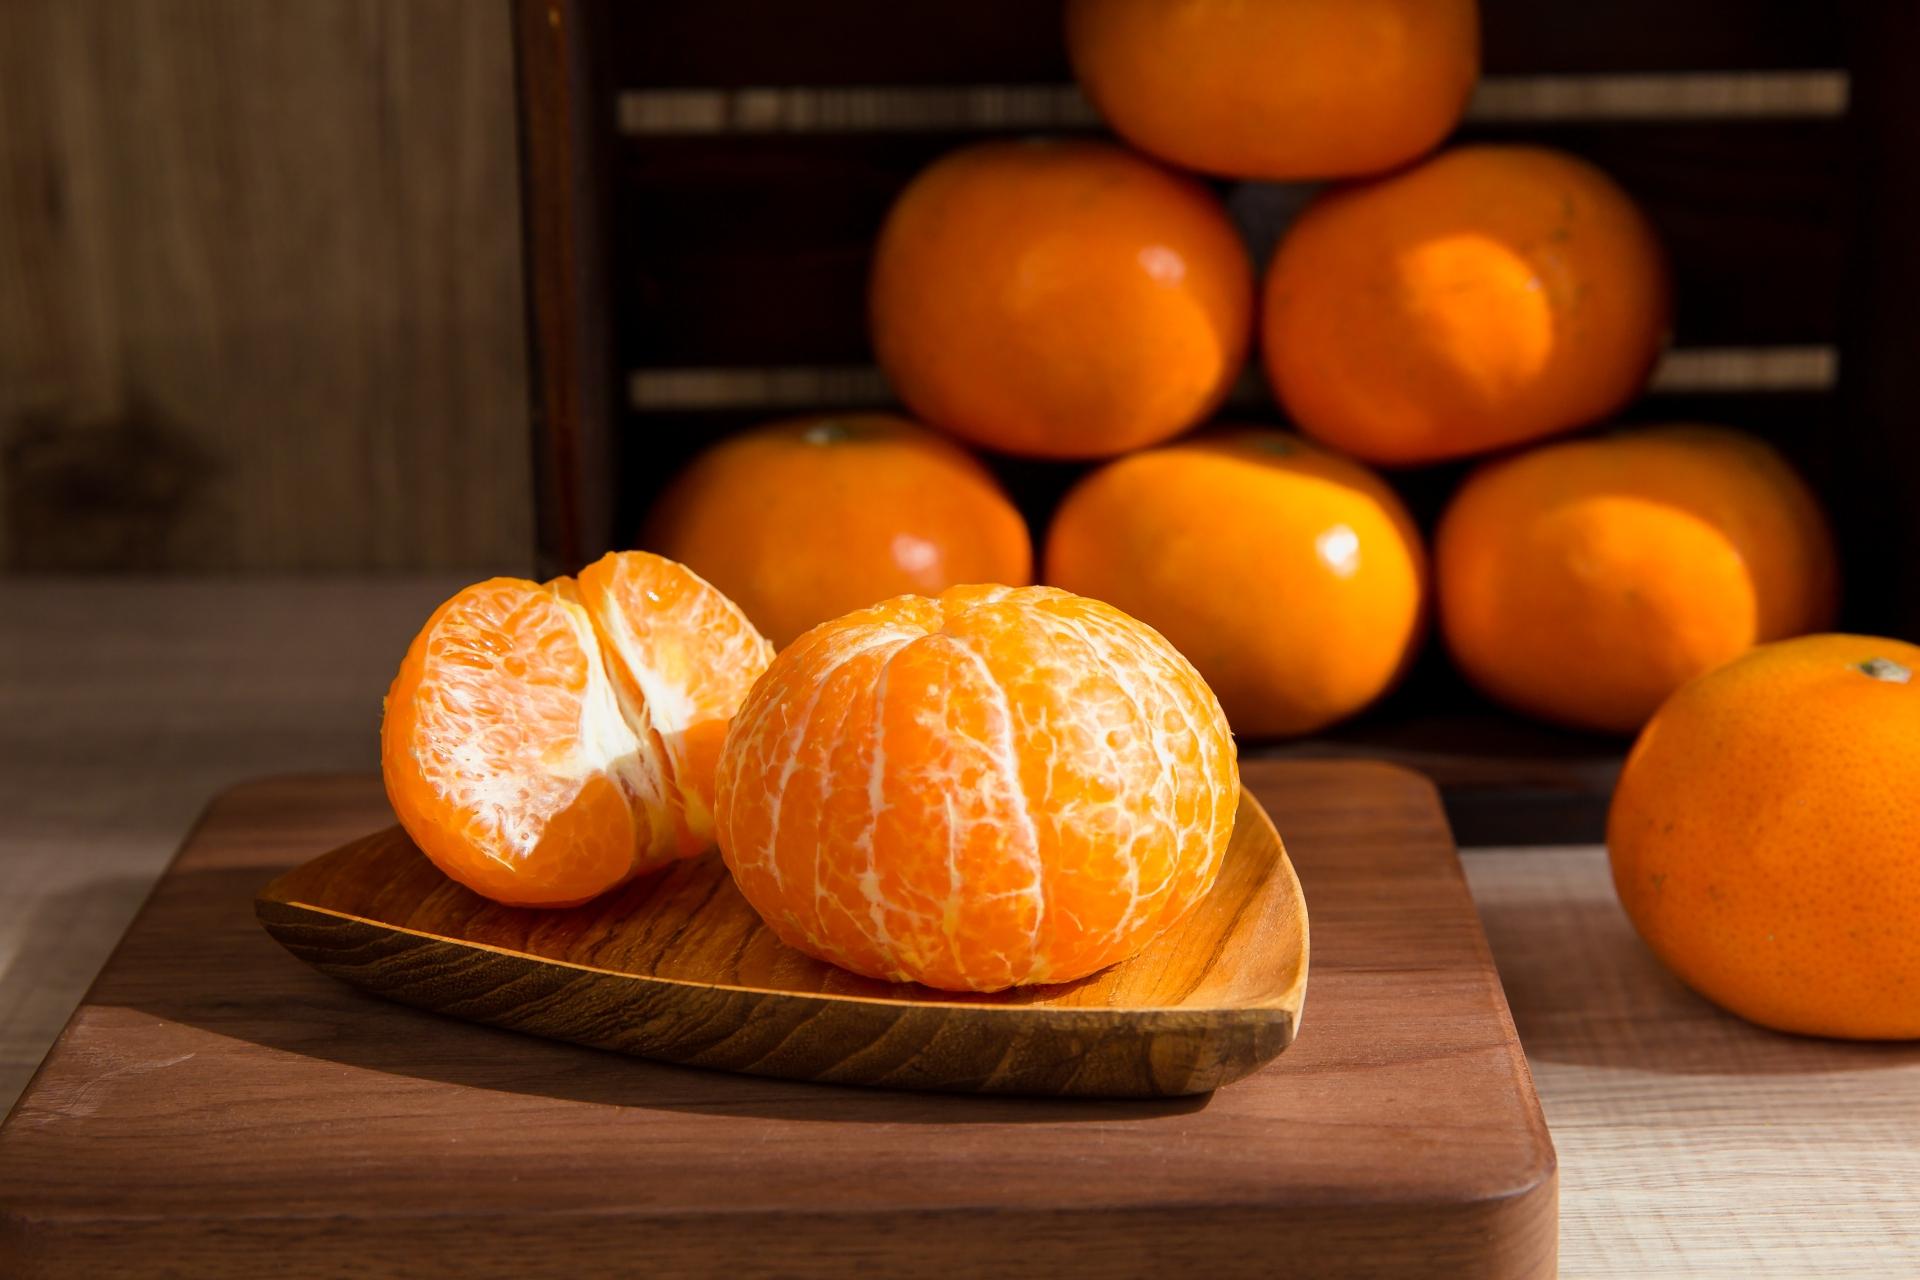 茂谷柑外型討喜,是台灣過年必備的橘子品種